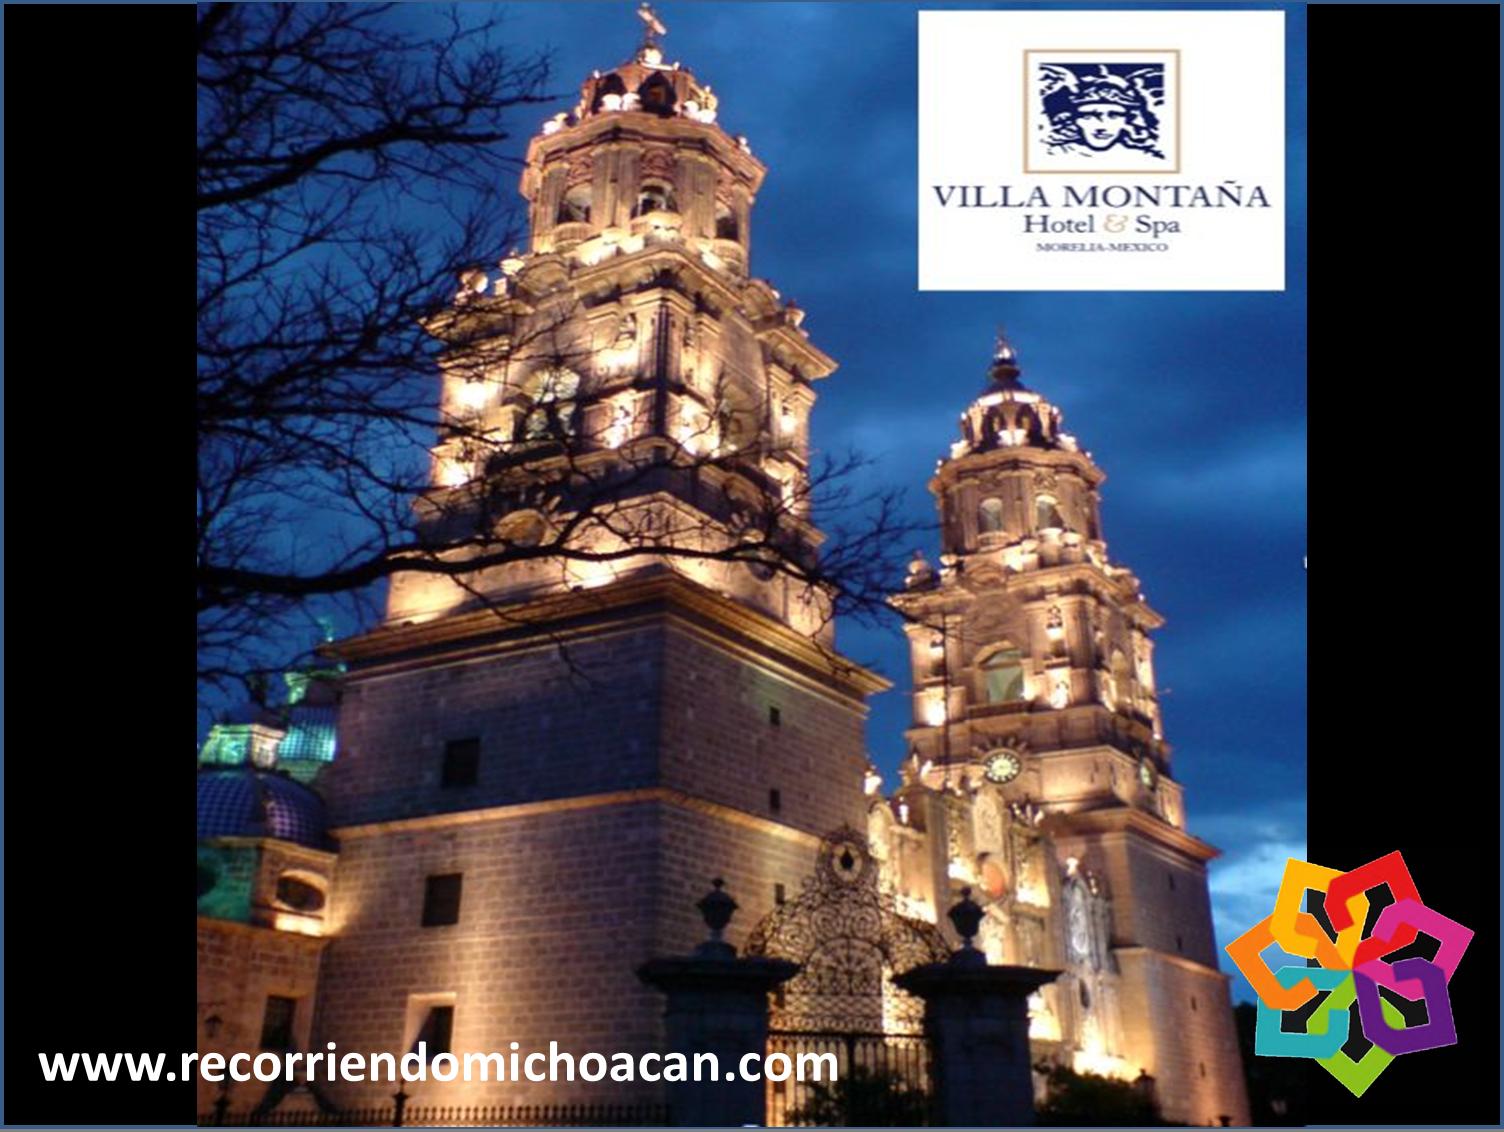 RECORRIENDO MICHOACÁN le dice que Morelia es una de las más bellas ciudades coloniales, que son el cuadro perfecto para celebrar bodas, ya que cuenta: con una catedral majestuosa, prestigiadas haciendas, conventos y centros de eventos que garantizan un paisaje armonioso, rodeados de históricos monumentos, de una gastronomía envidiable y de hoteles con todo el lujo y confort para nuestros invitados. Hotel Villa Montaña en Morelia. http://www.villamontana.com.mx/